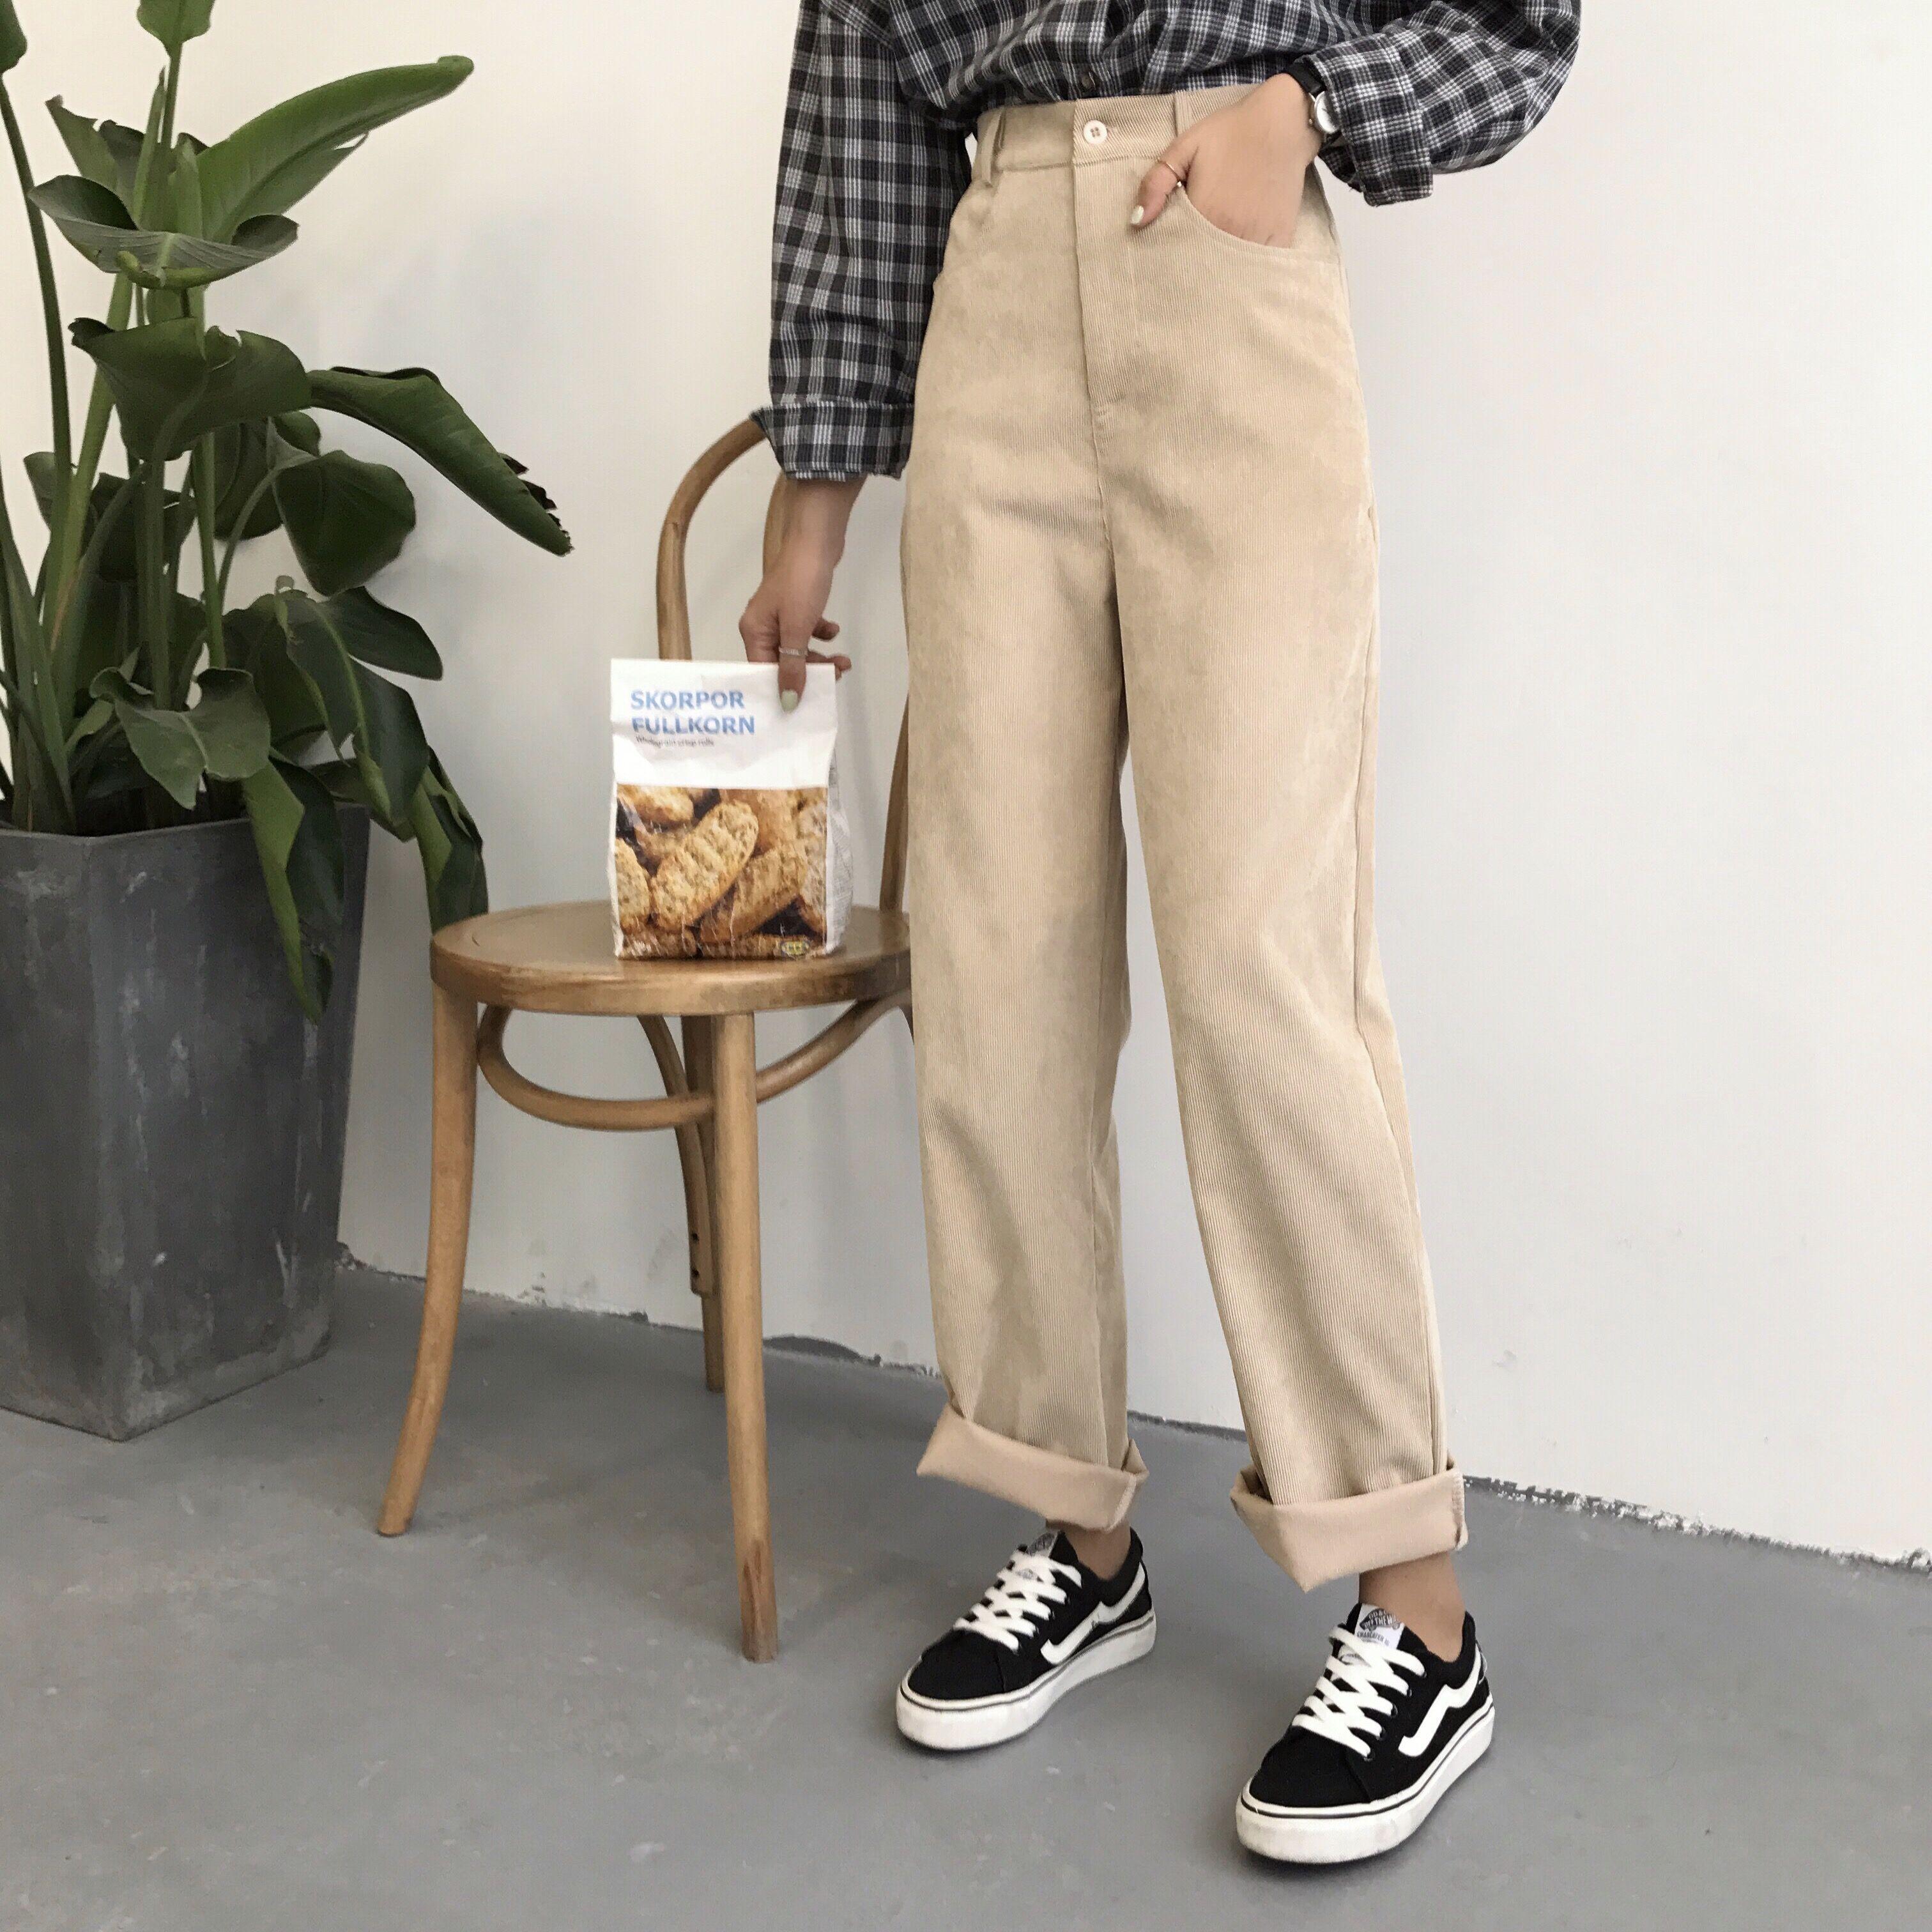 韩国ulzzang复古简约纯色高腰灯芯绒水手风直筒裤阔腿休闲长裤女